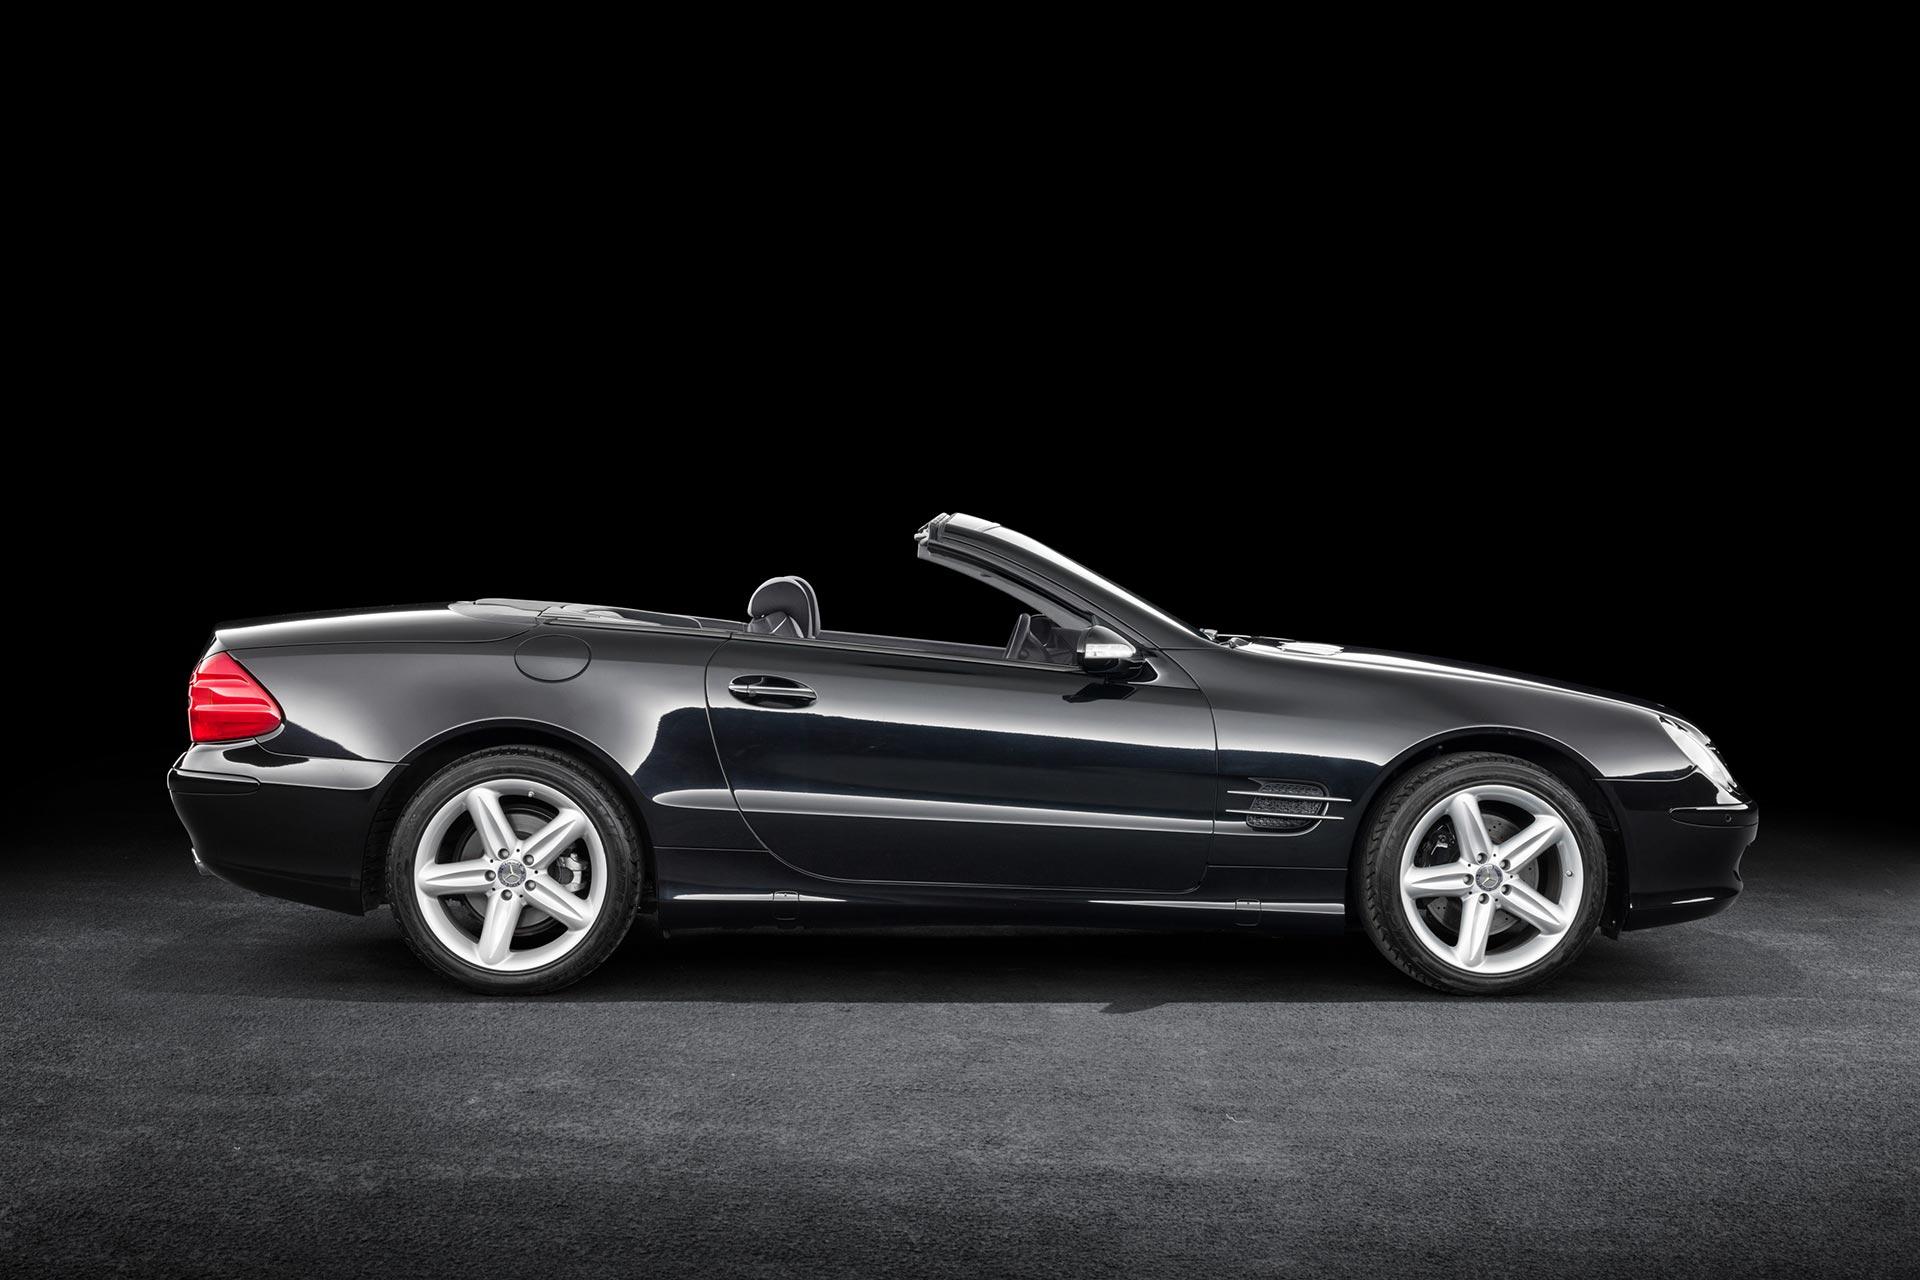 Mercedes-Benz SL 500 (R 230). Sondermodell Edition 50. Fahrzeug aus dem Jahr 2001. Produktionszeitraum der Baureihe 2001 bis 2012. Studiofoto von rechts.